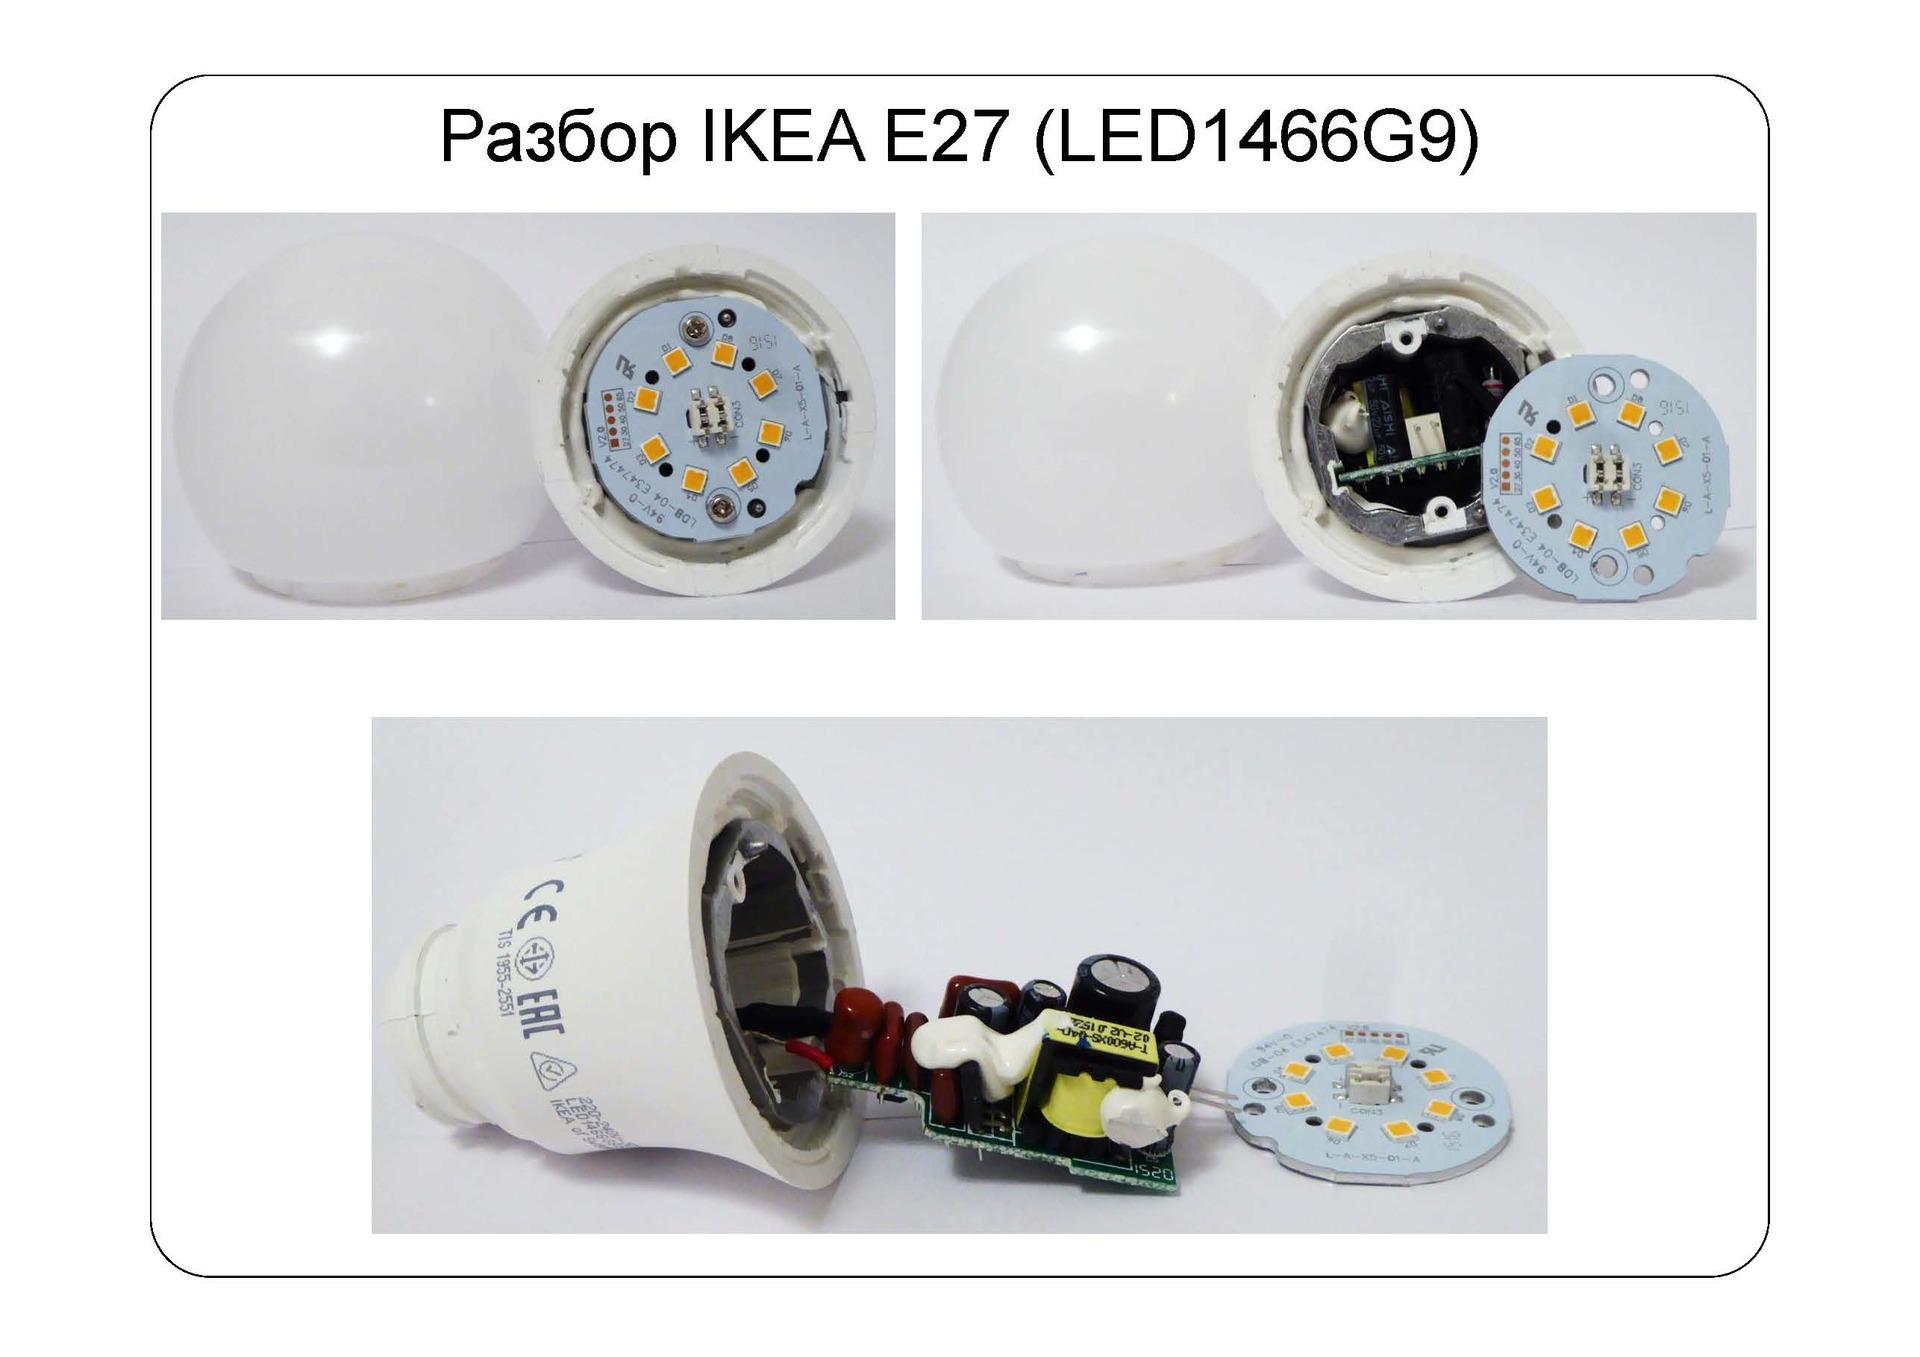 Взгляд изнутри: IKEA LED наносит ответный удар - 7